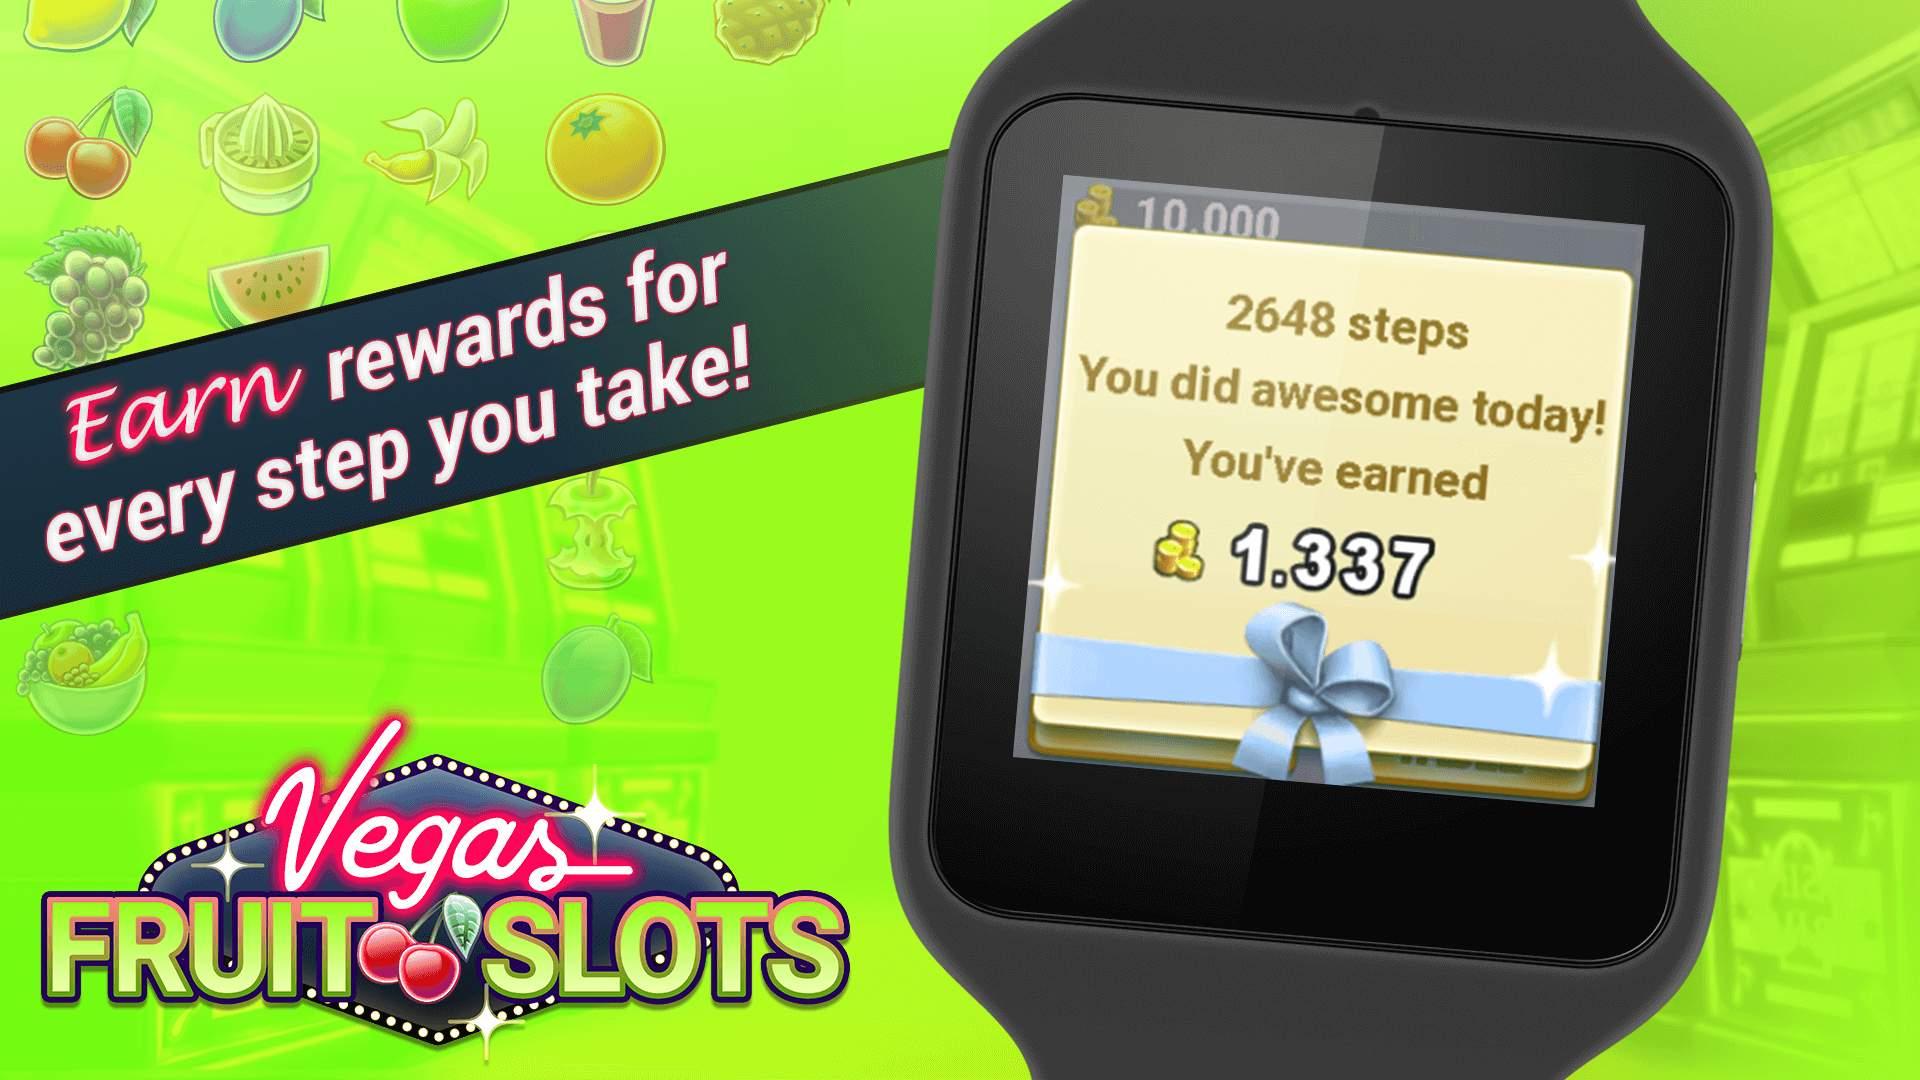 Vegas Fruit Slots Screenshot 2